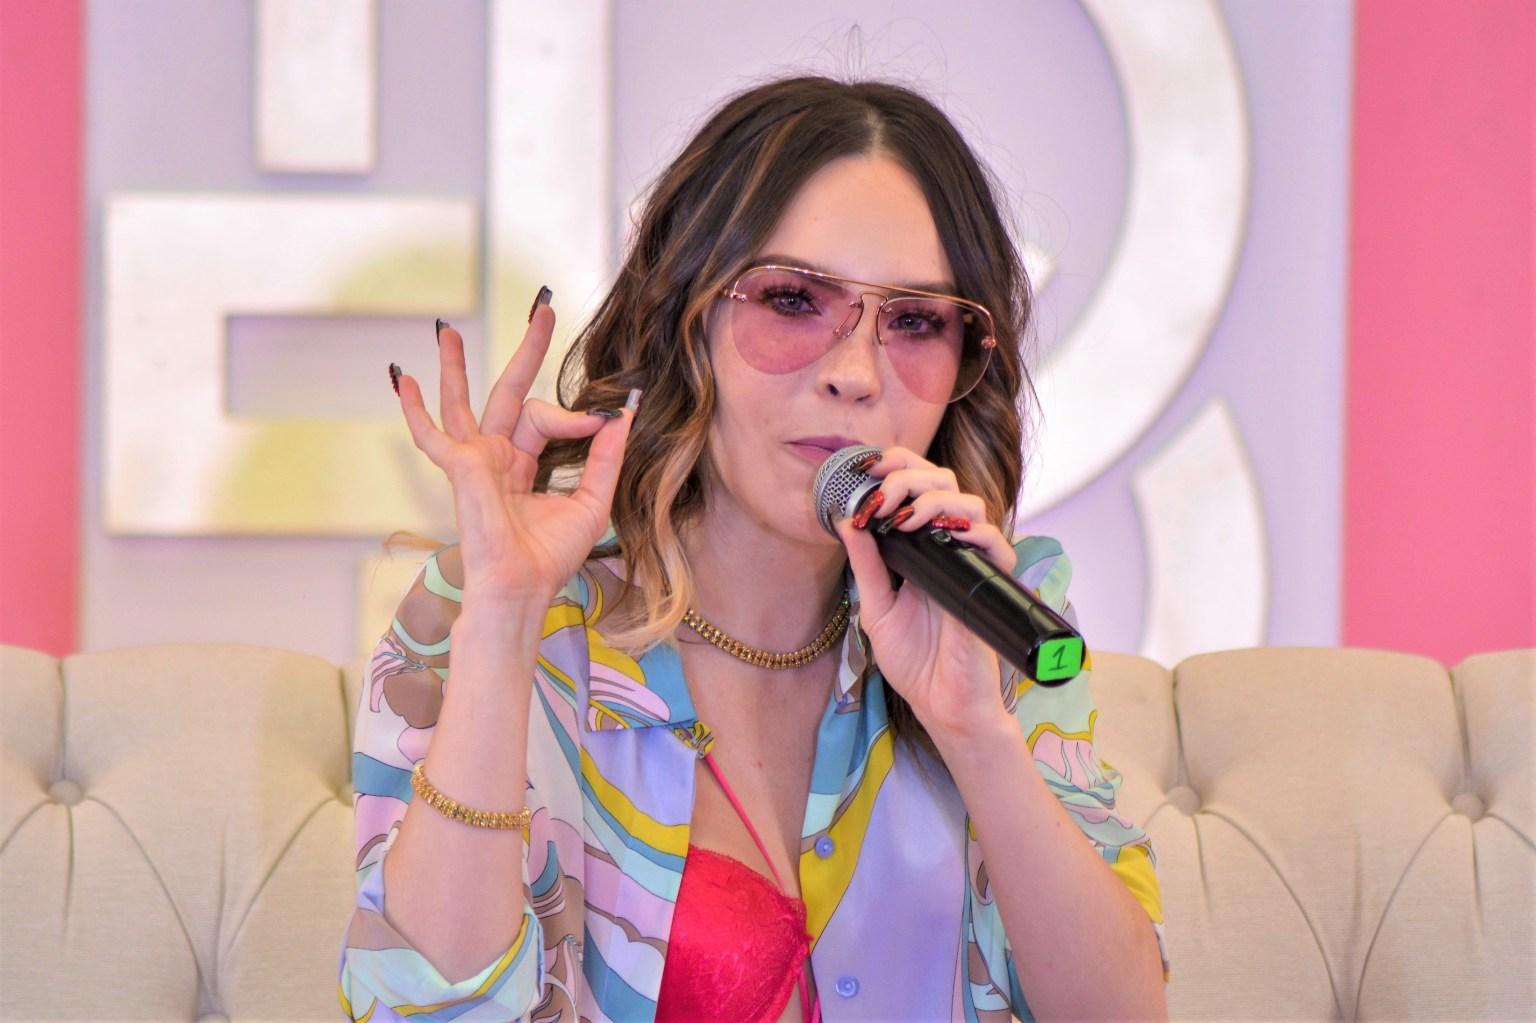 Belinda pronto anunciará embarazo y otras predicciones de Mhoni Vidente